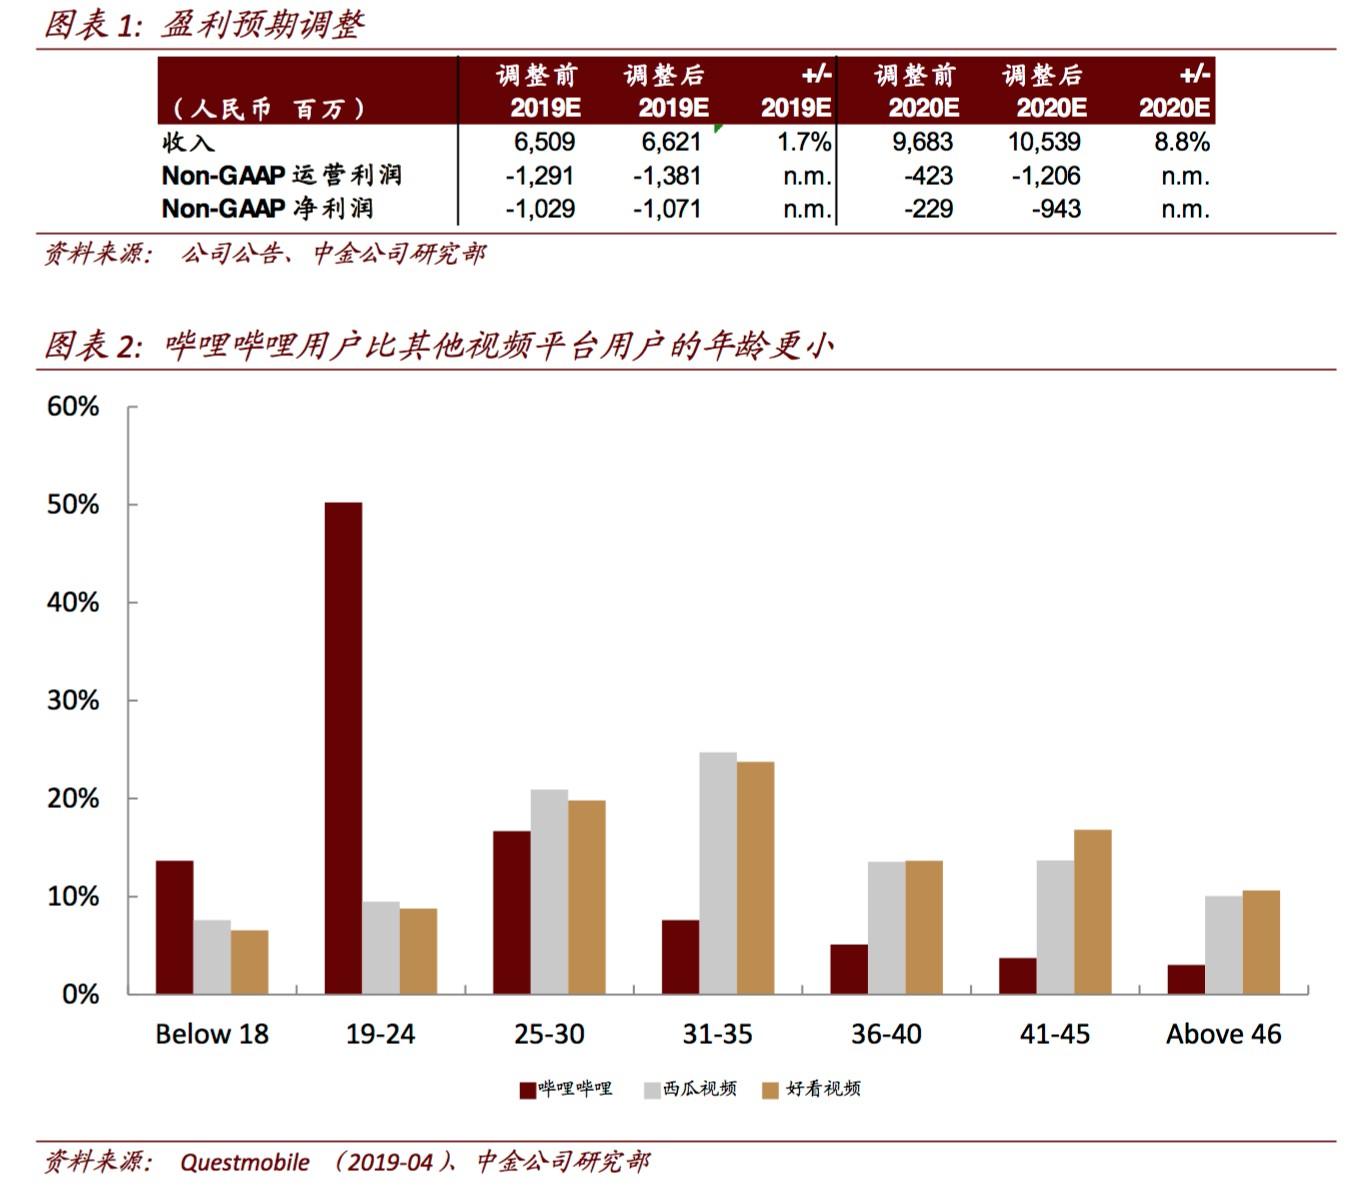 中金:哔哩哔哩(BILI.US)加速用户获取带来短期利润率压力 下调目标价至18美元